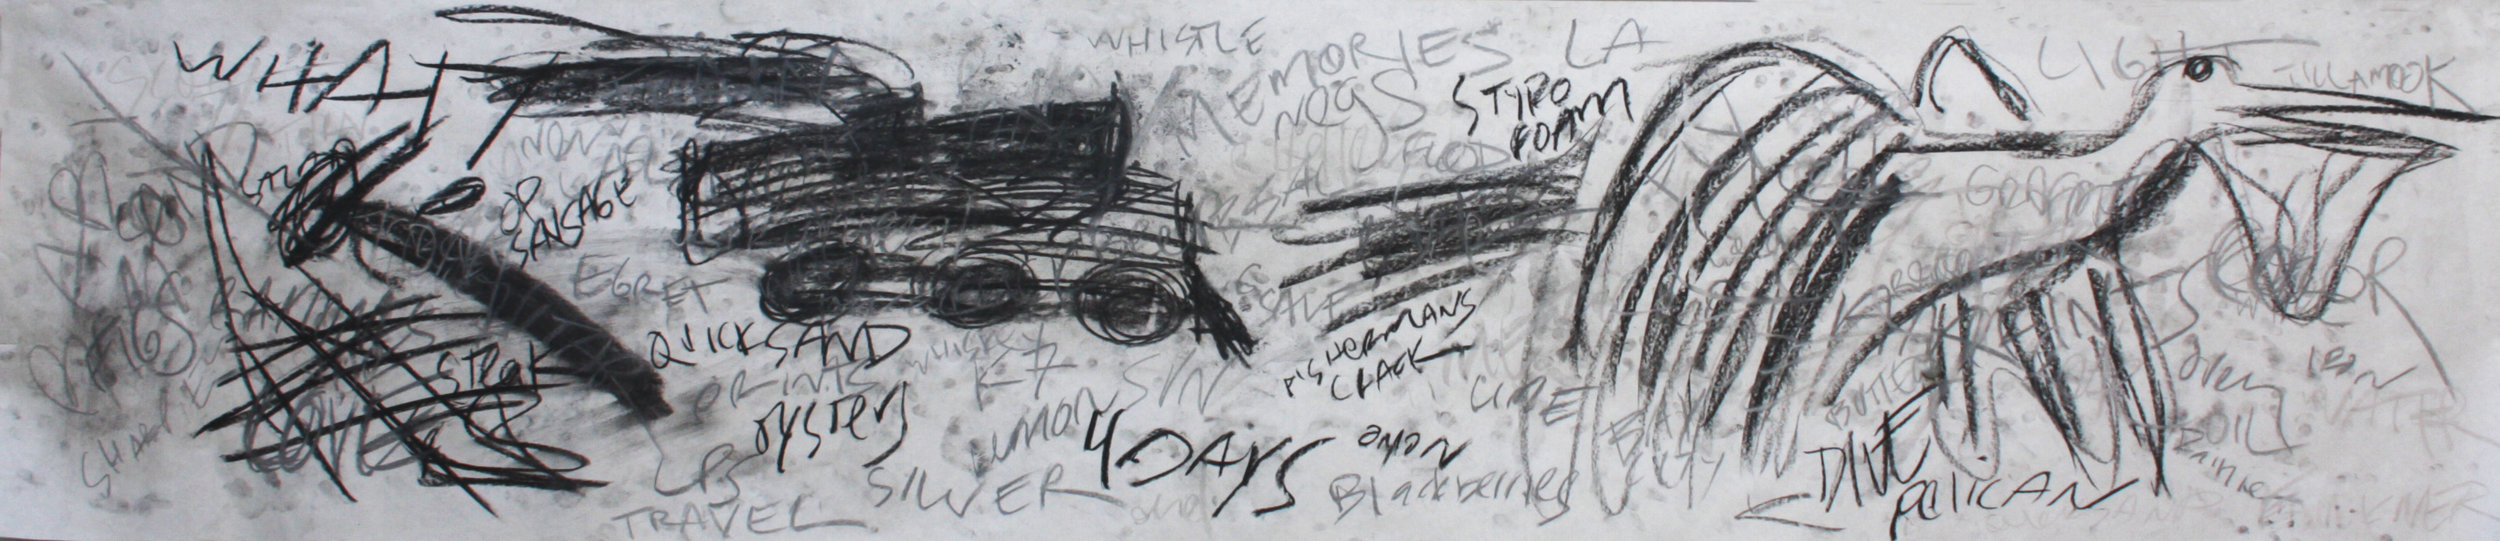 Faulkner's Mural .jpg